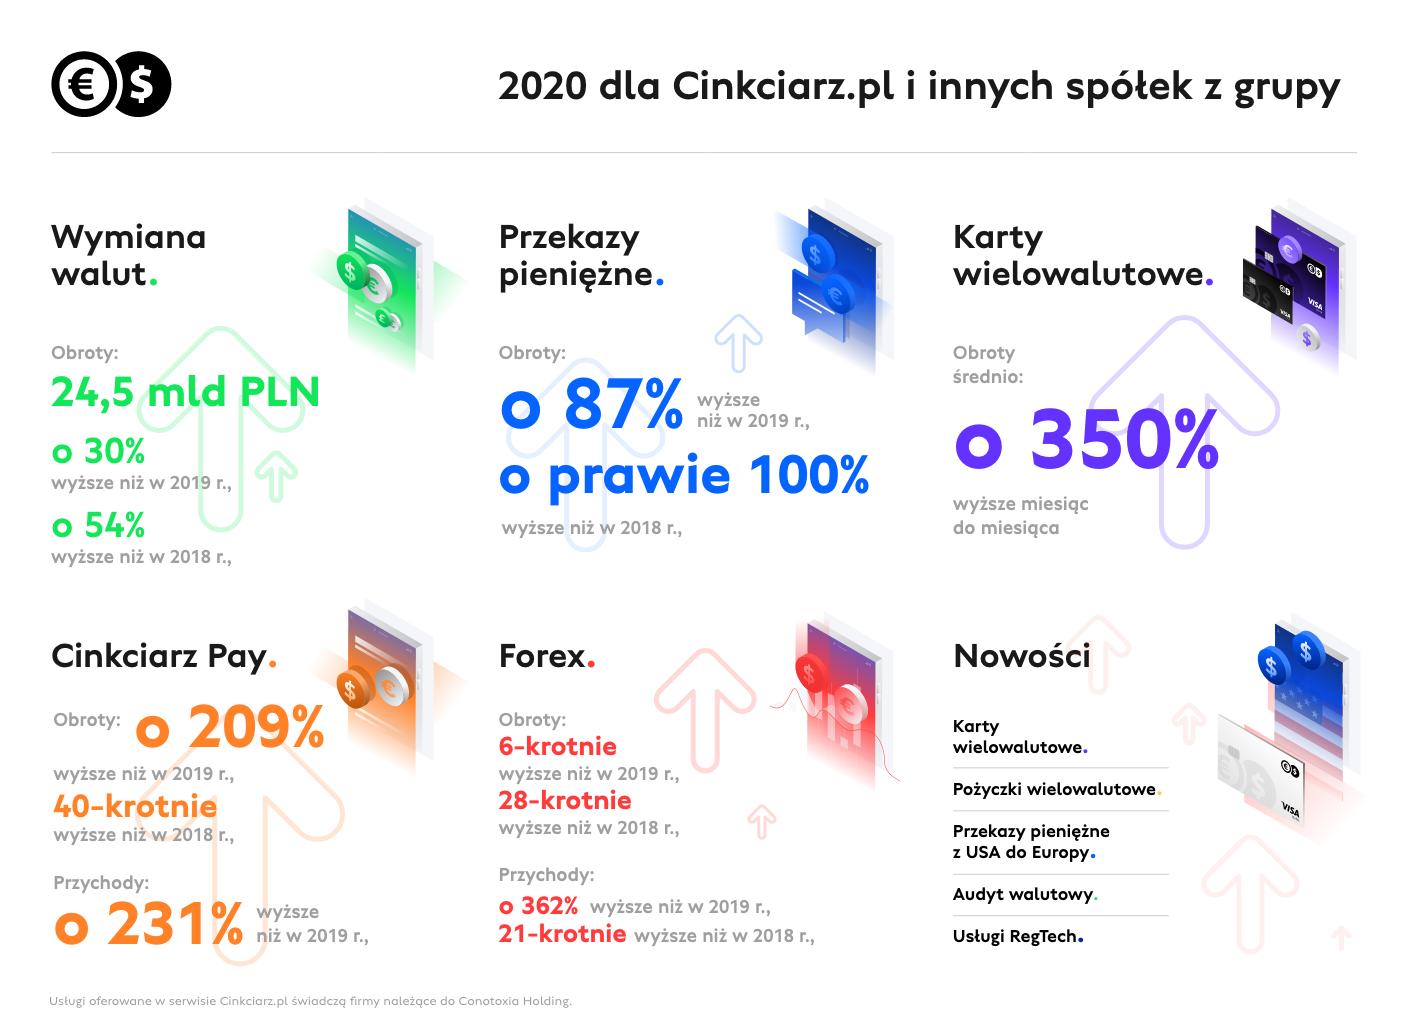 Kontynuacja rekordowych wyników Cinkciarz.pl i innych spółek z grupy w 2020 r.